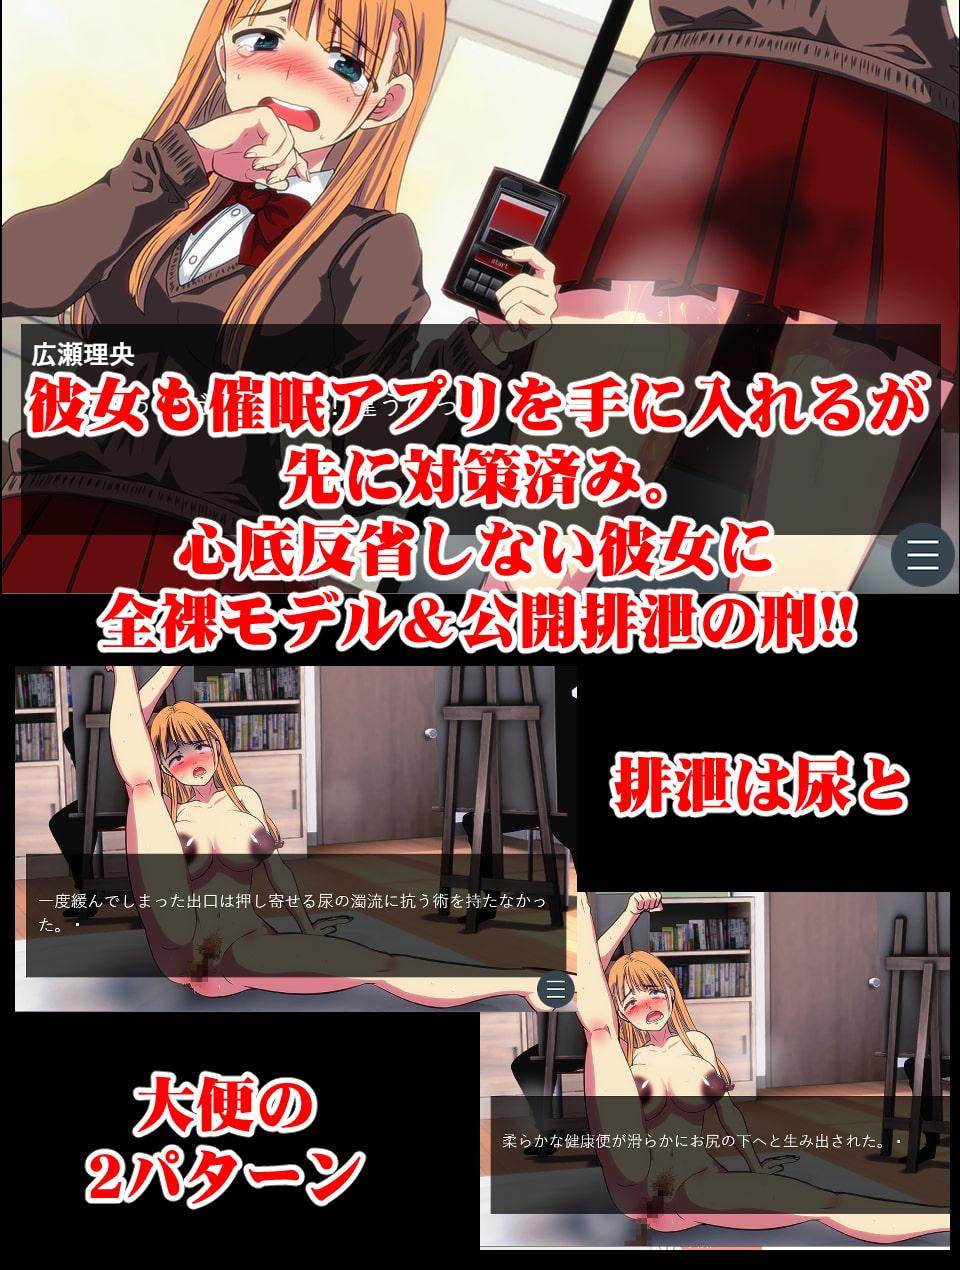 【ゲーム+CG集版】俺をいじめたあの女をわからせ2 ~催眠使われ無様晒してアヘ顔土下座の本気謝罪~